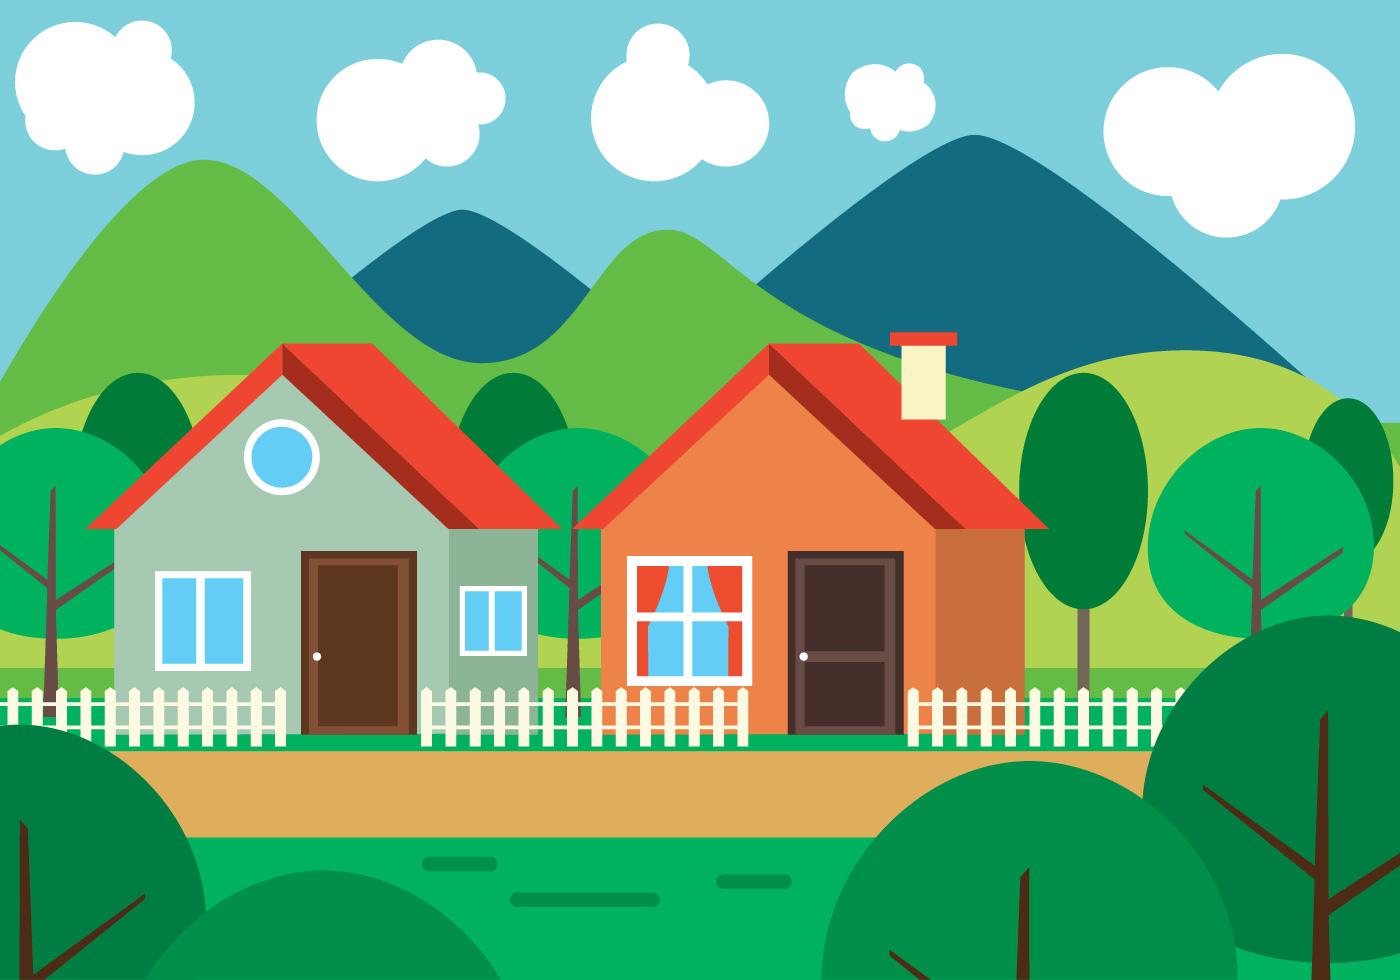 Landscape Illustration Vector Free: Free Flat Design Vector Landscape